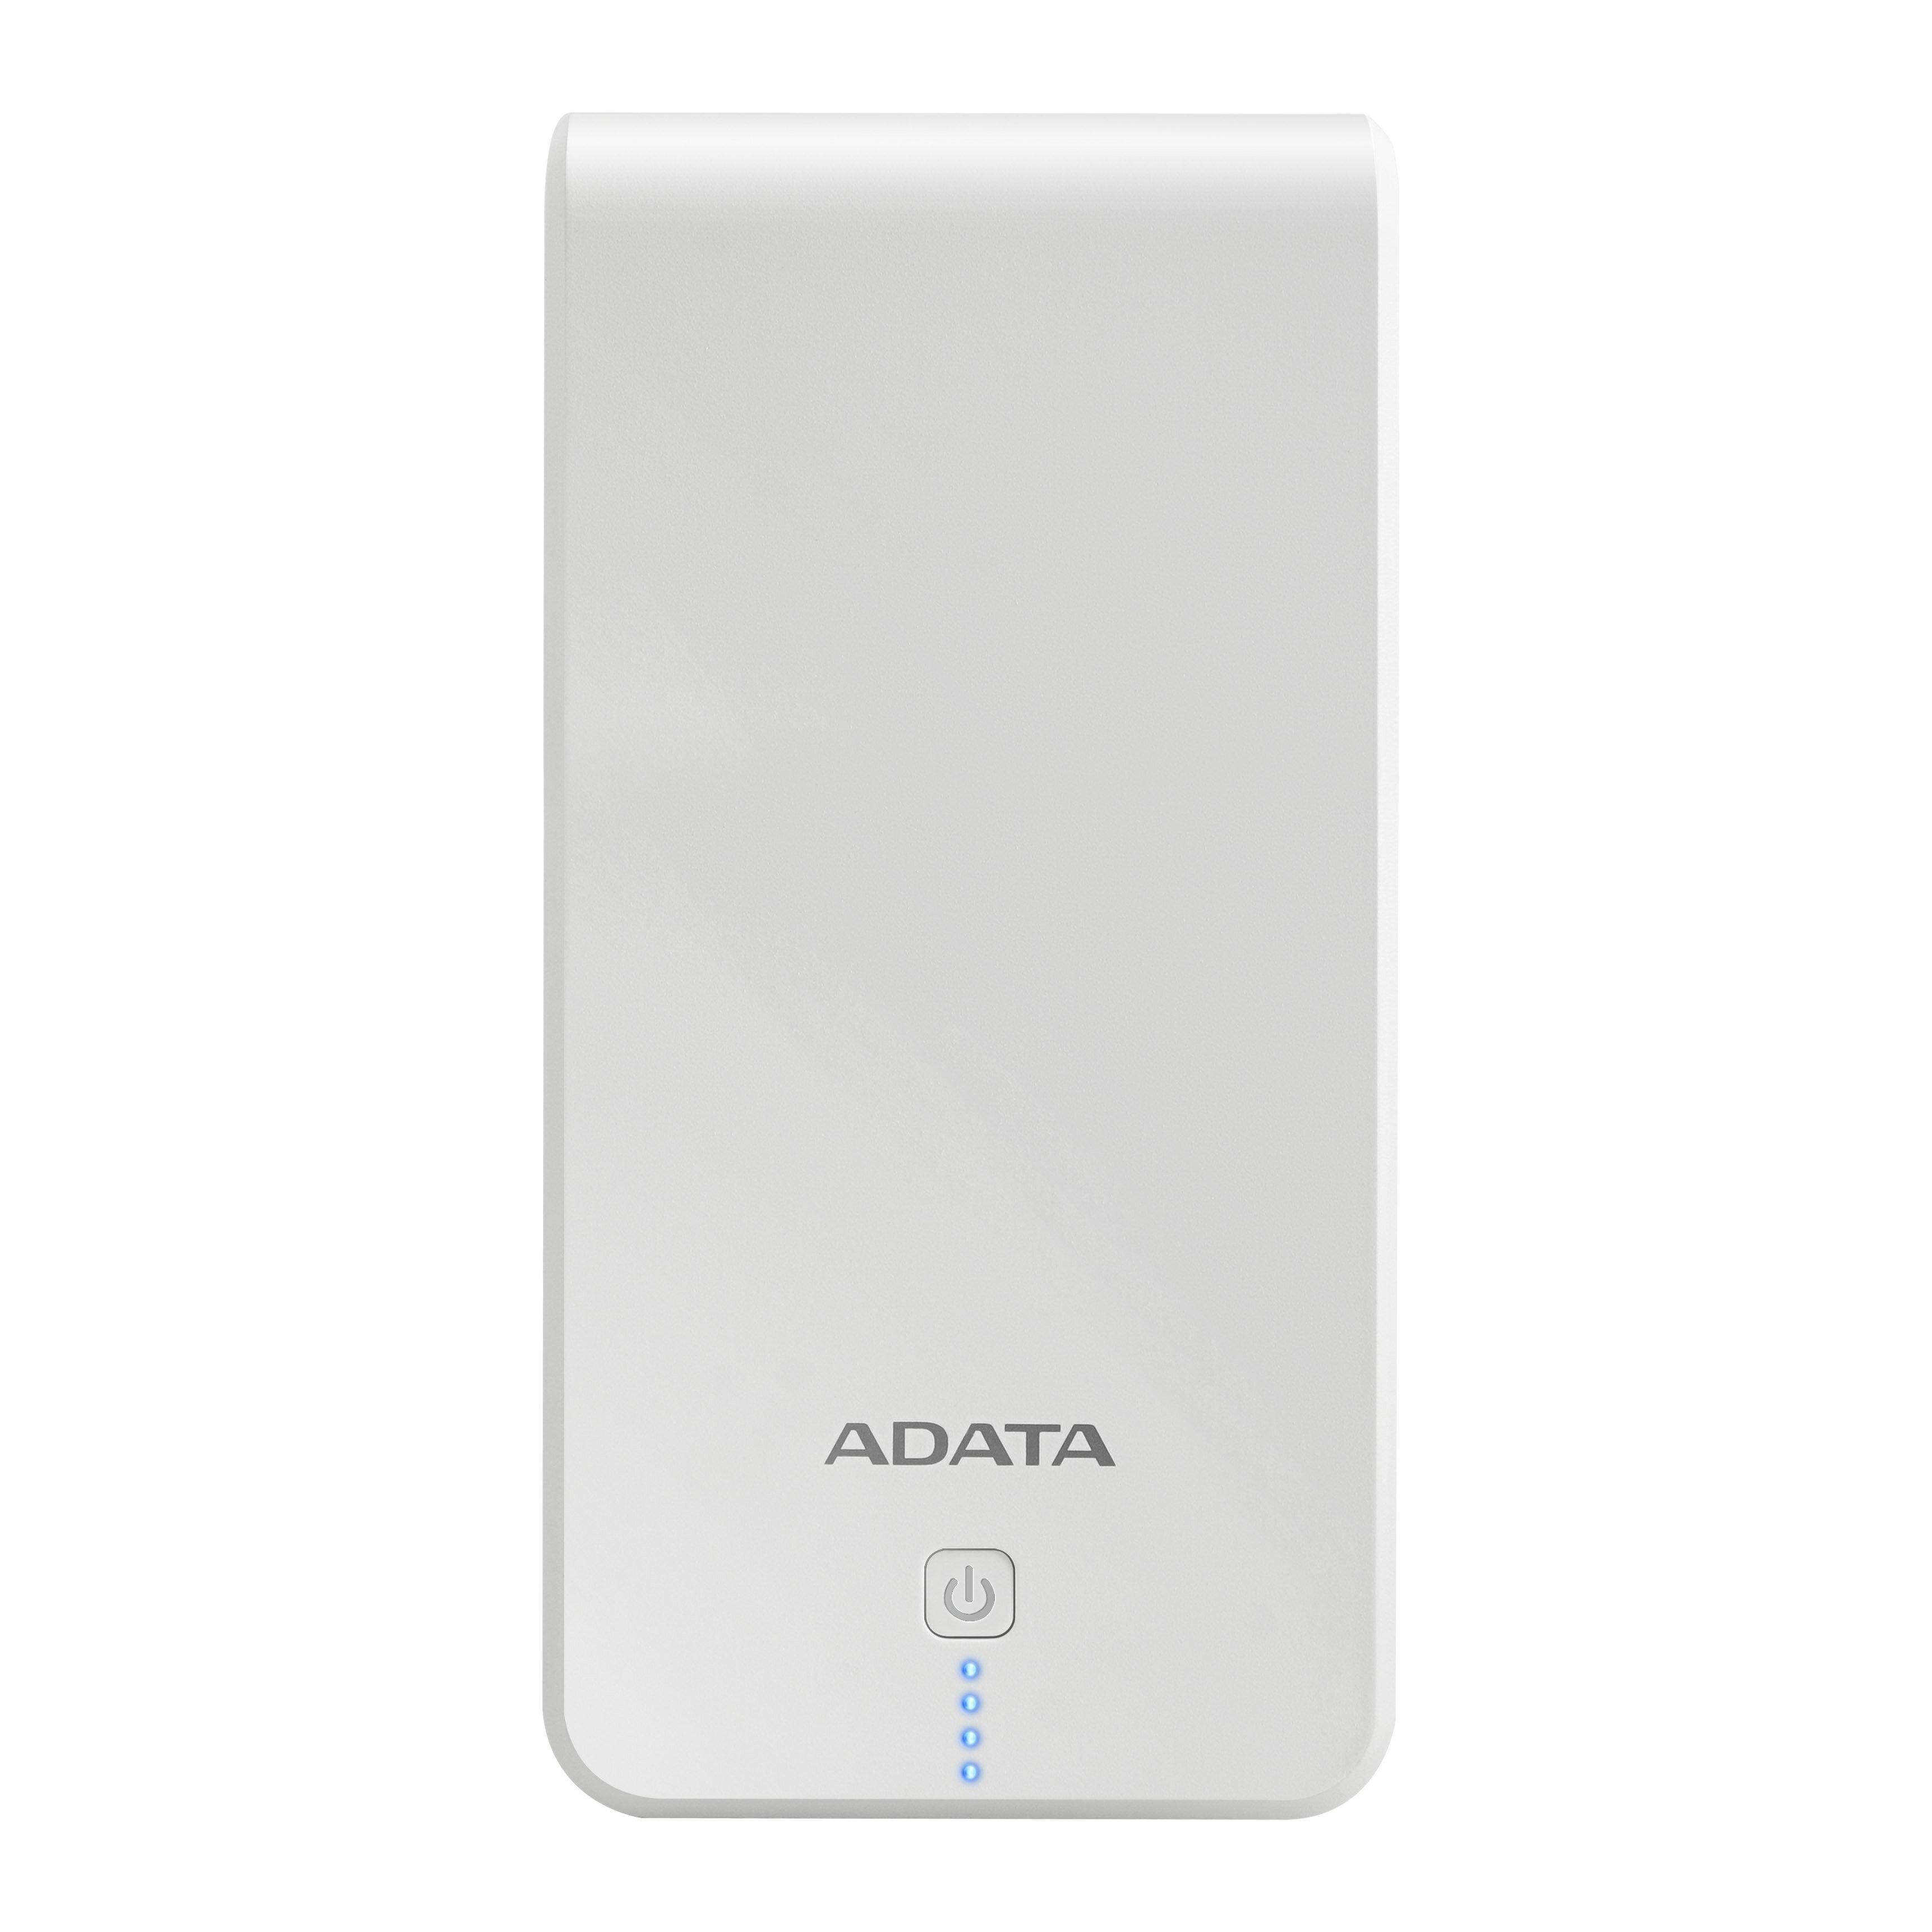 ADATA P20100 20000 mAh 2.1A Power Bank - White (AP20100-5V-CWHBL) 0